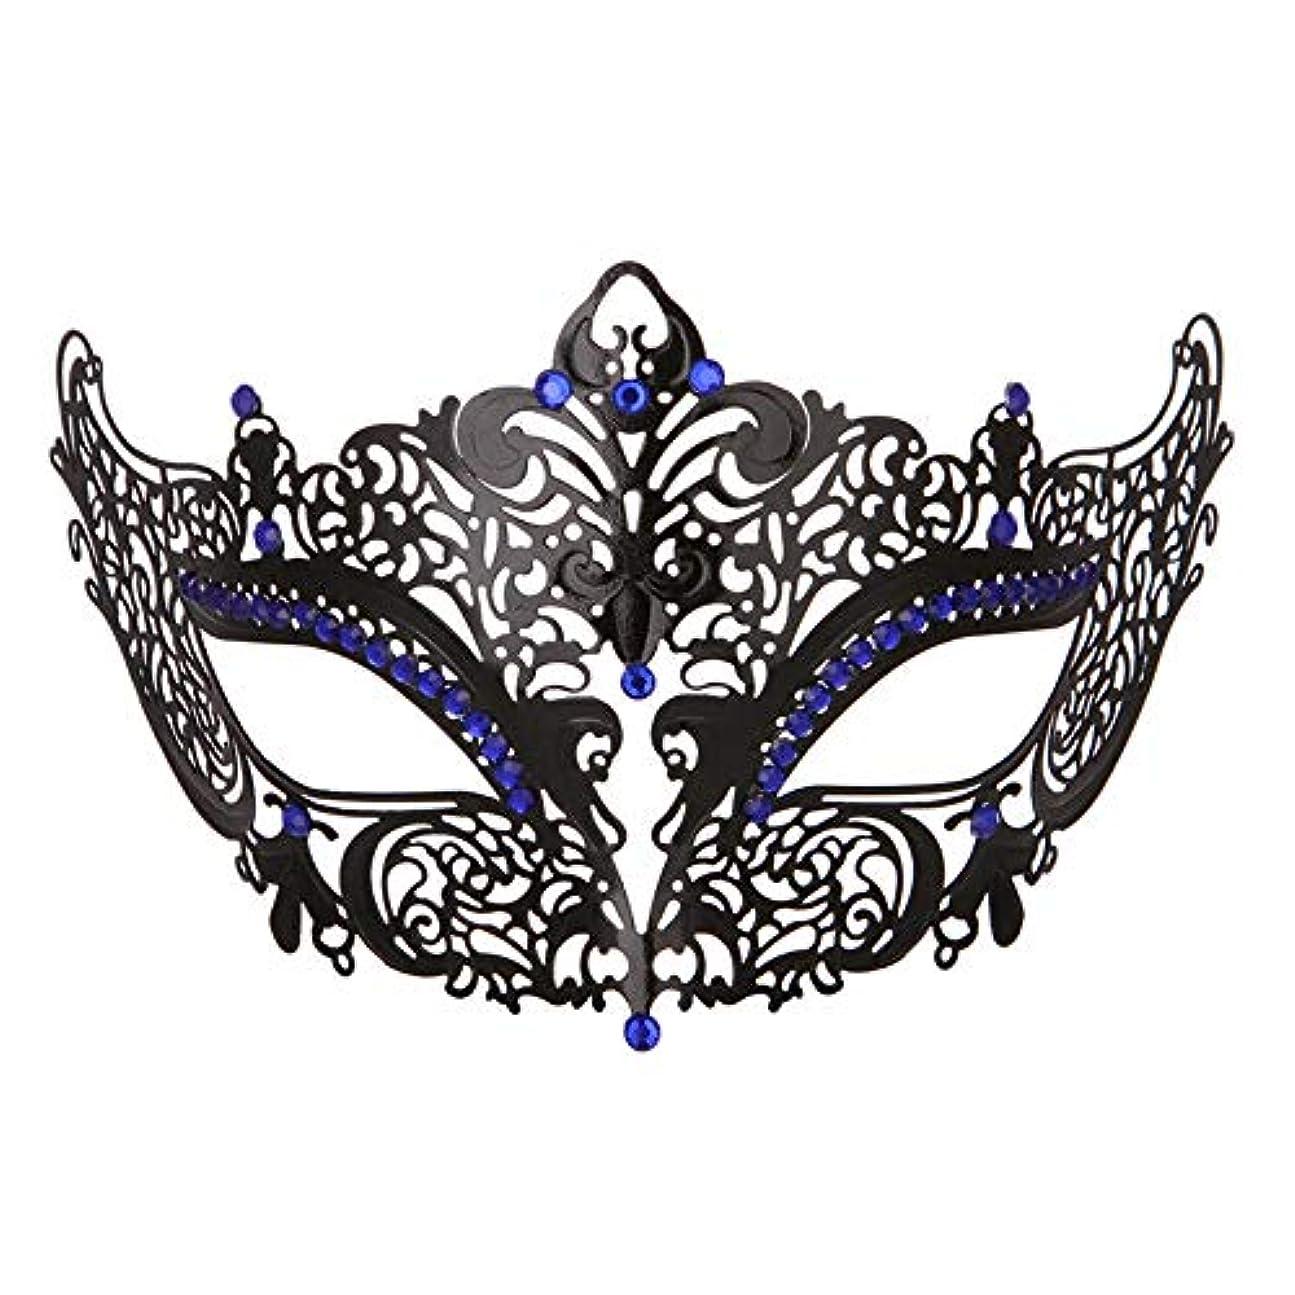 野菜考案する造船ダンスマスク 高級金属鉄マスク女性美少女中空ハーフフェイスファッションナイトクラブパーティー仮面舞踏会マスク ホリデーパーティー用品 (色 : 青, サイズ : 19x8cm)